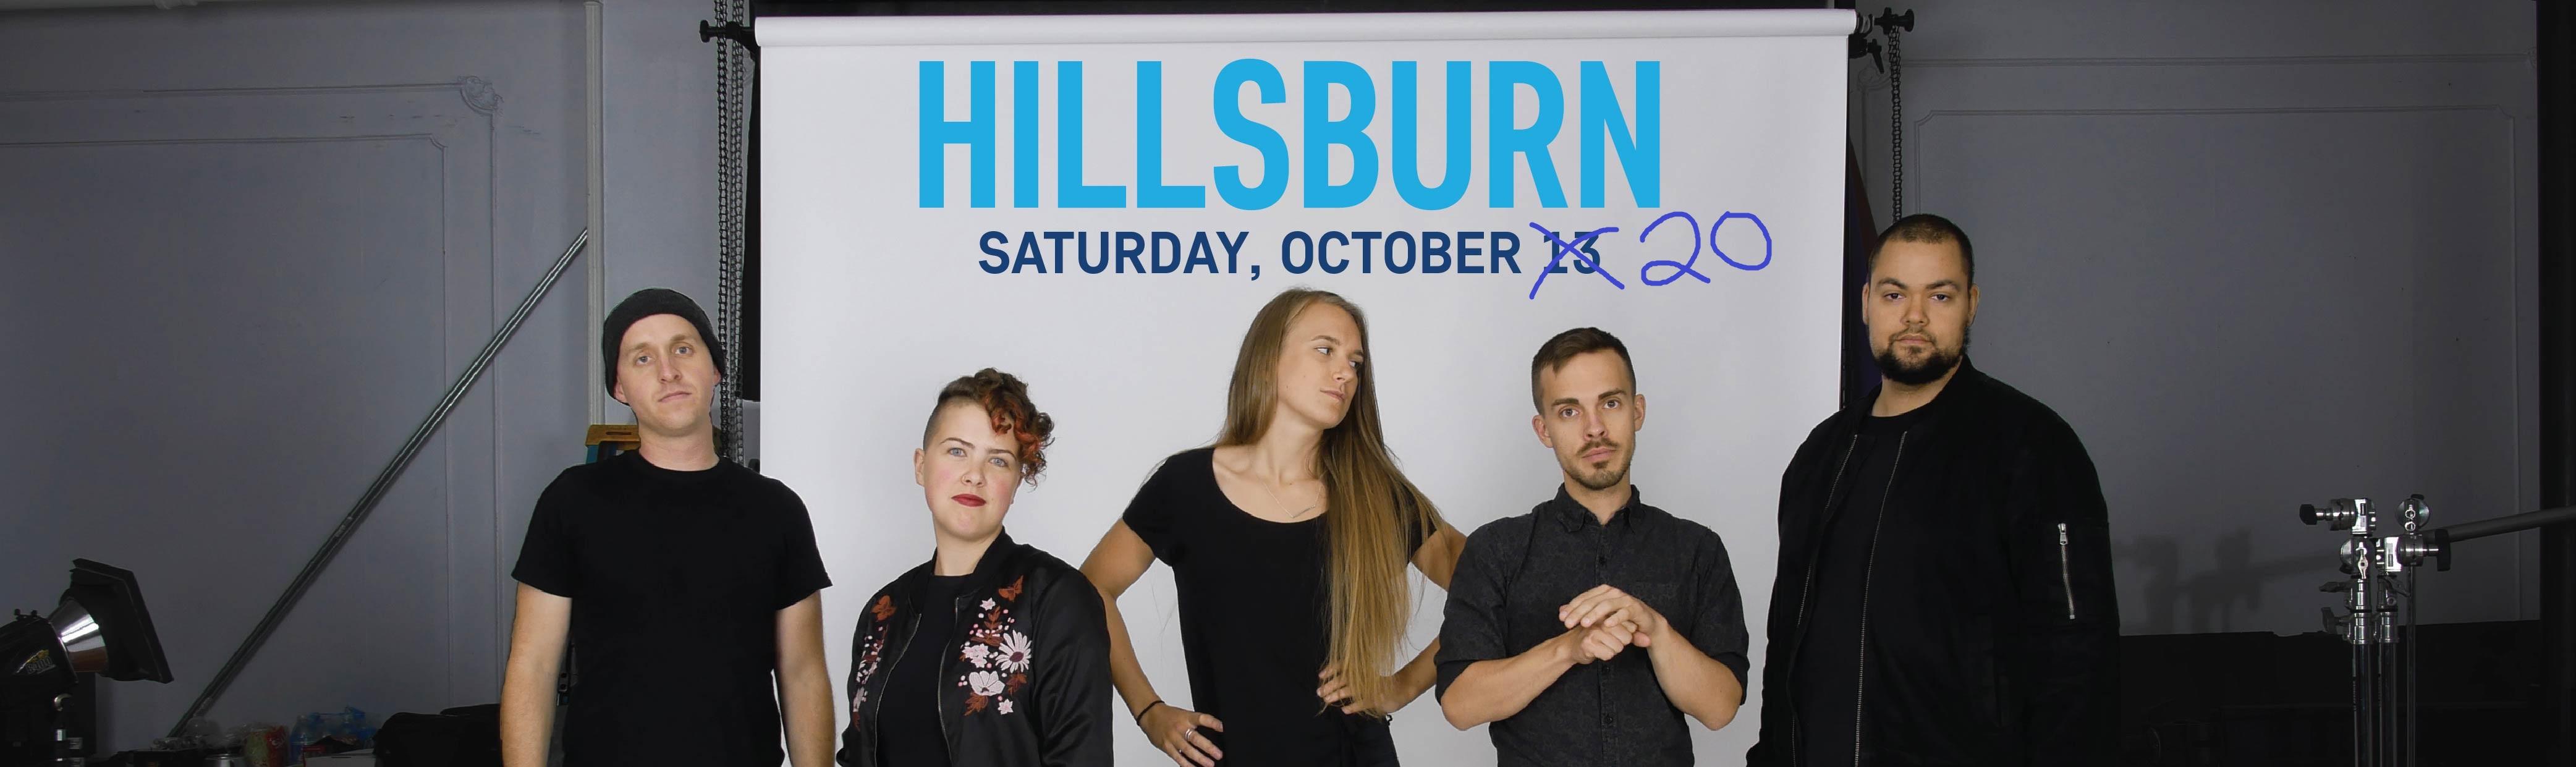 Fall Concert Series Digital Banners-Hillsburn rescheduled